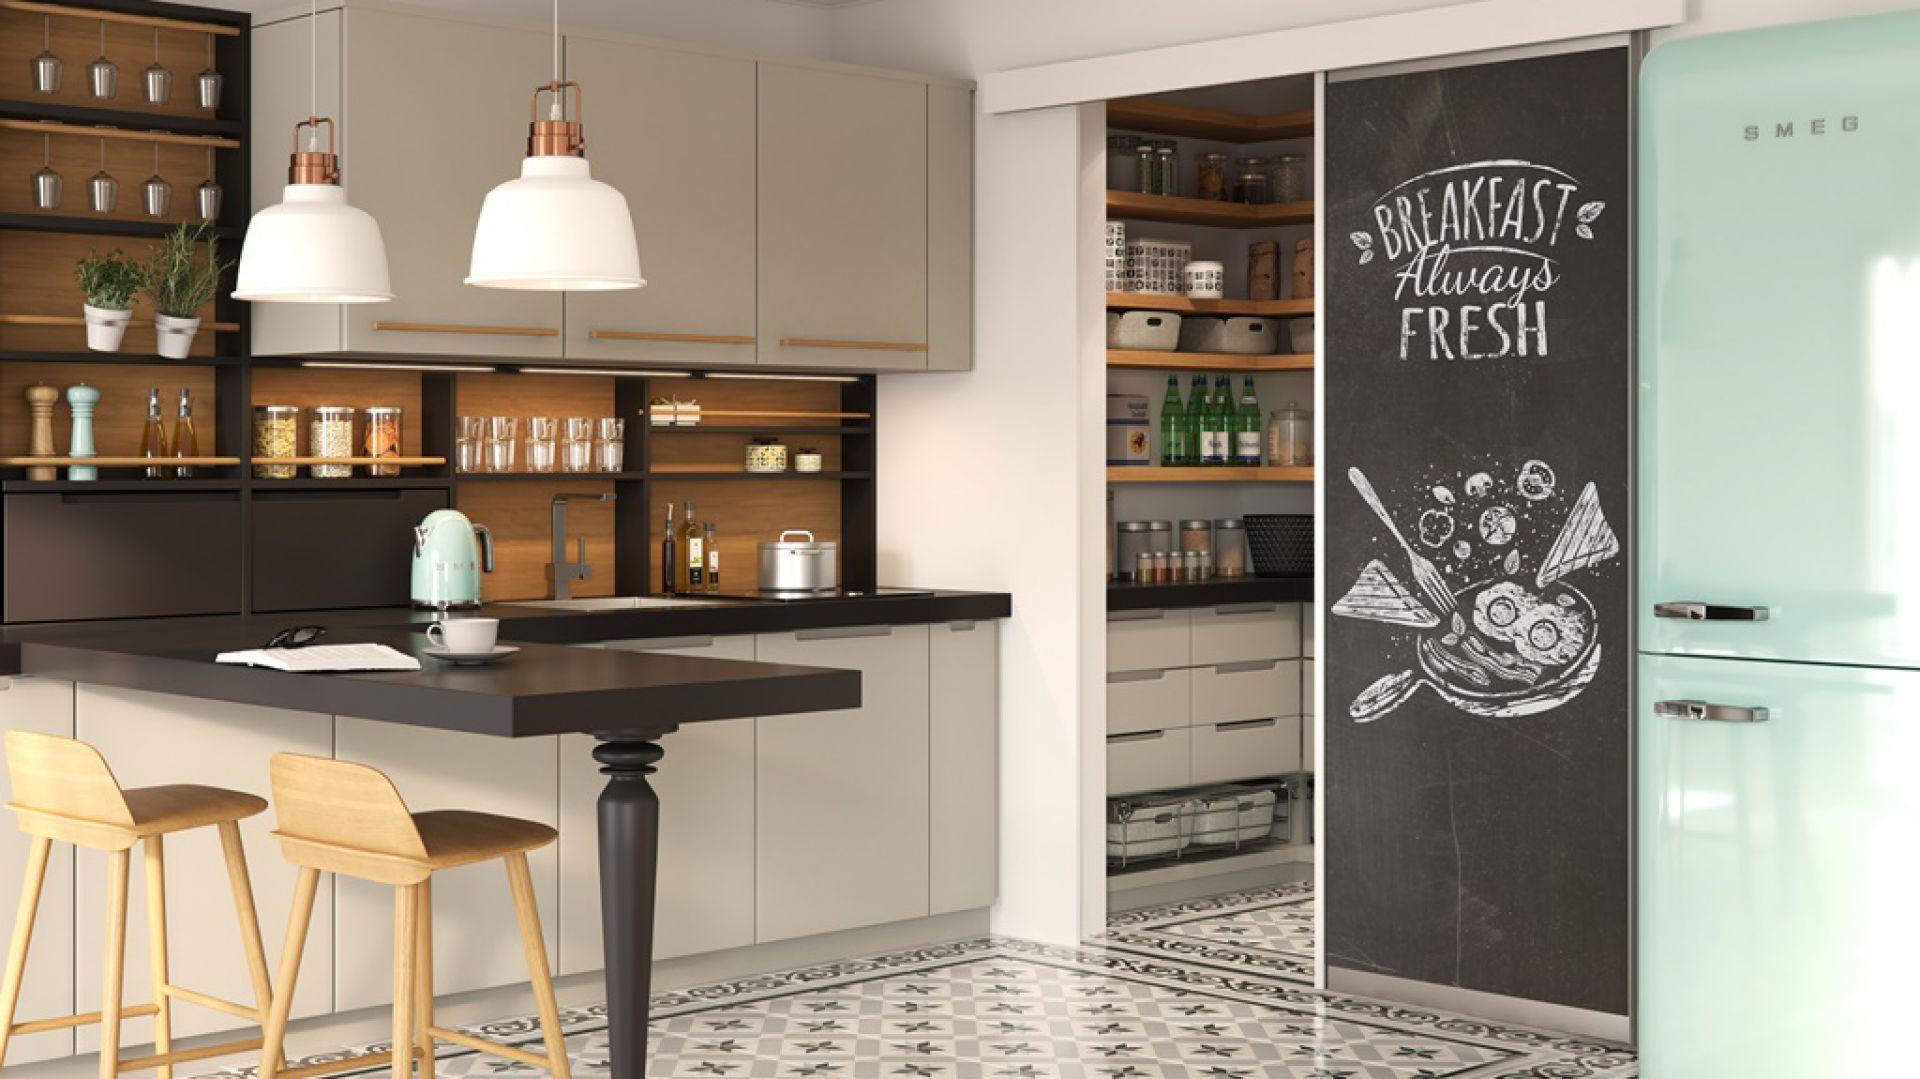 Spiżarnię można stworzyć w dużej kuchni, ale również i w małej. Fot. GTV